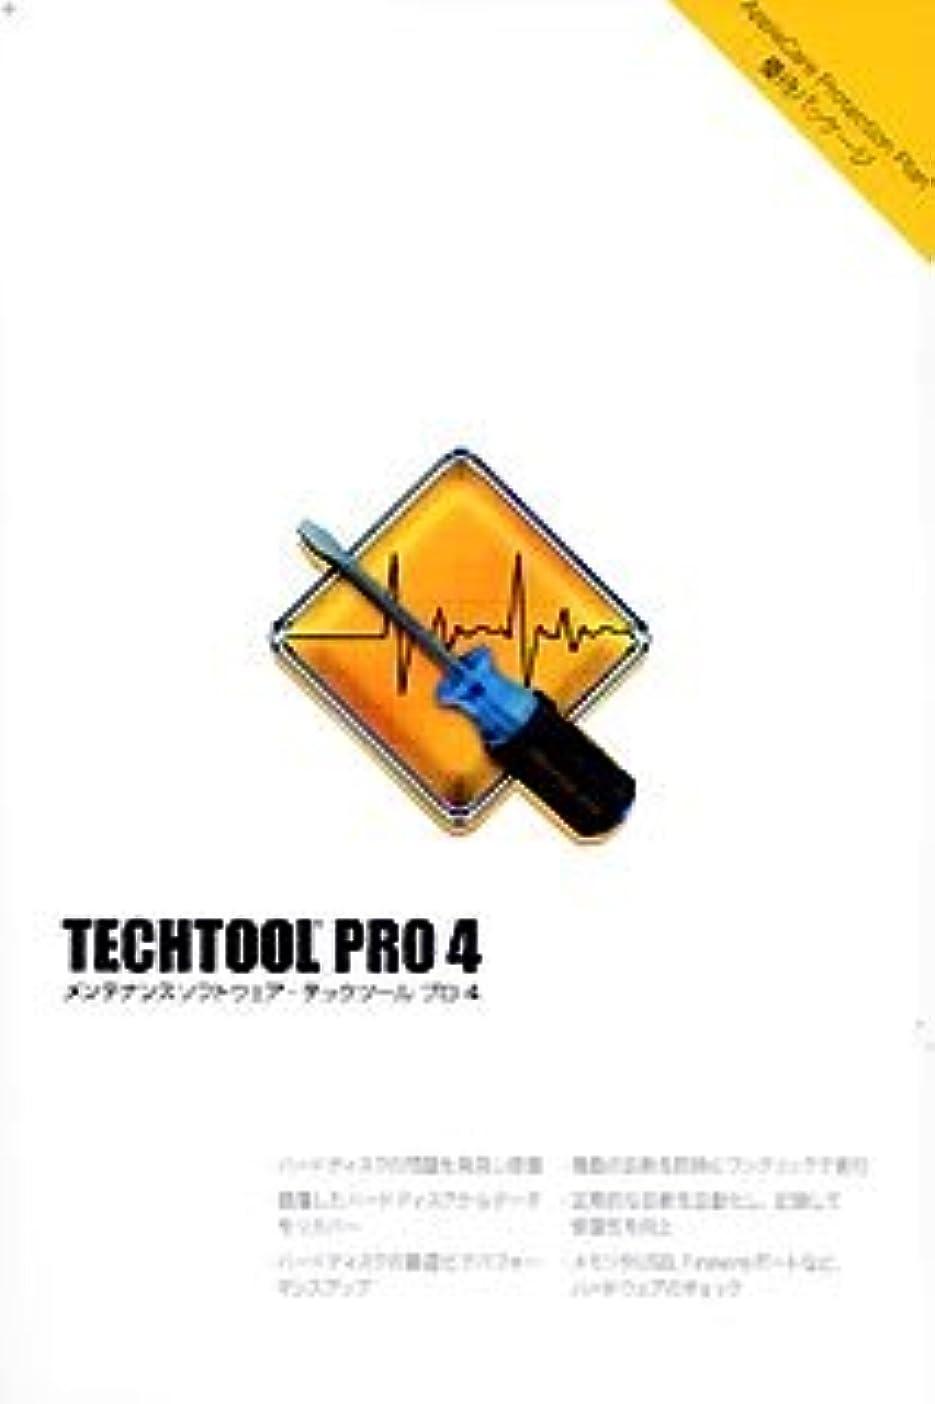 とにかく講堂吸うTechTool Pro 4 Apple Care Protection Plan 優待パッケージ